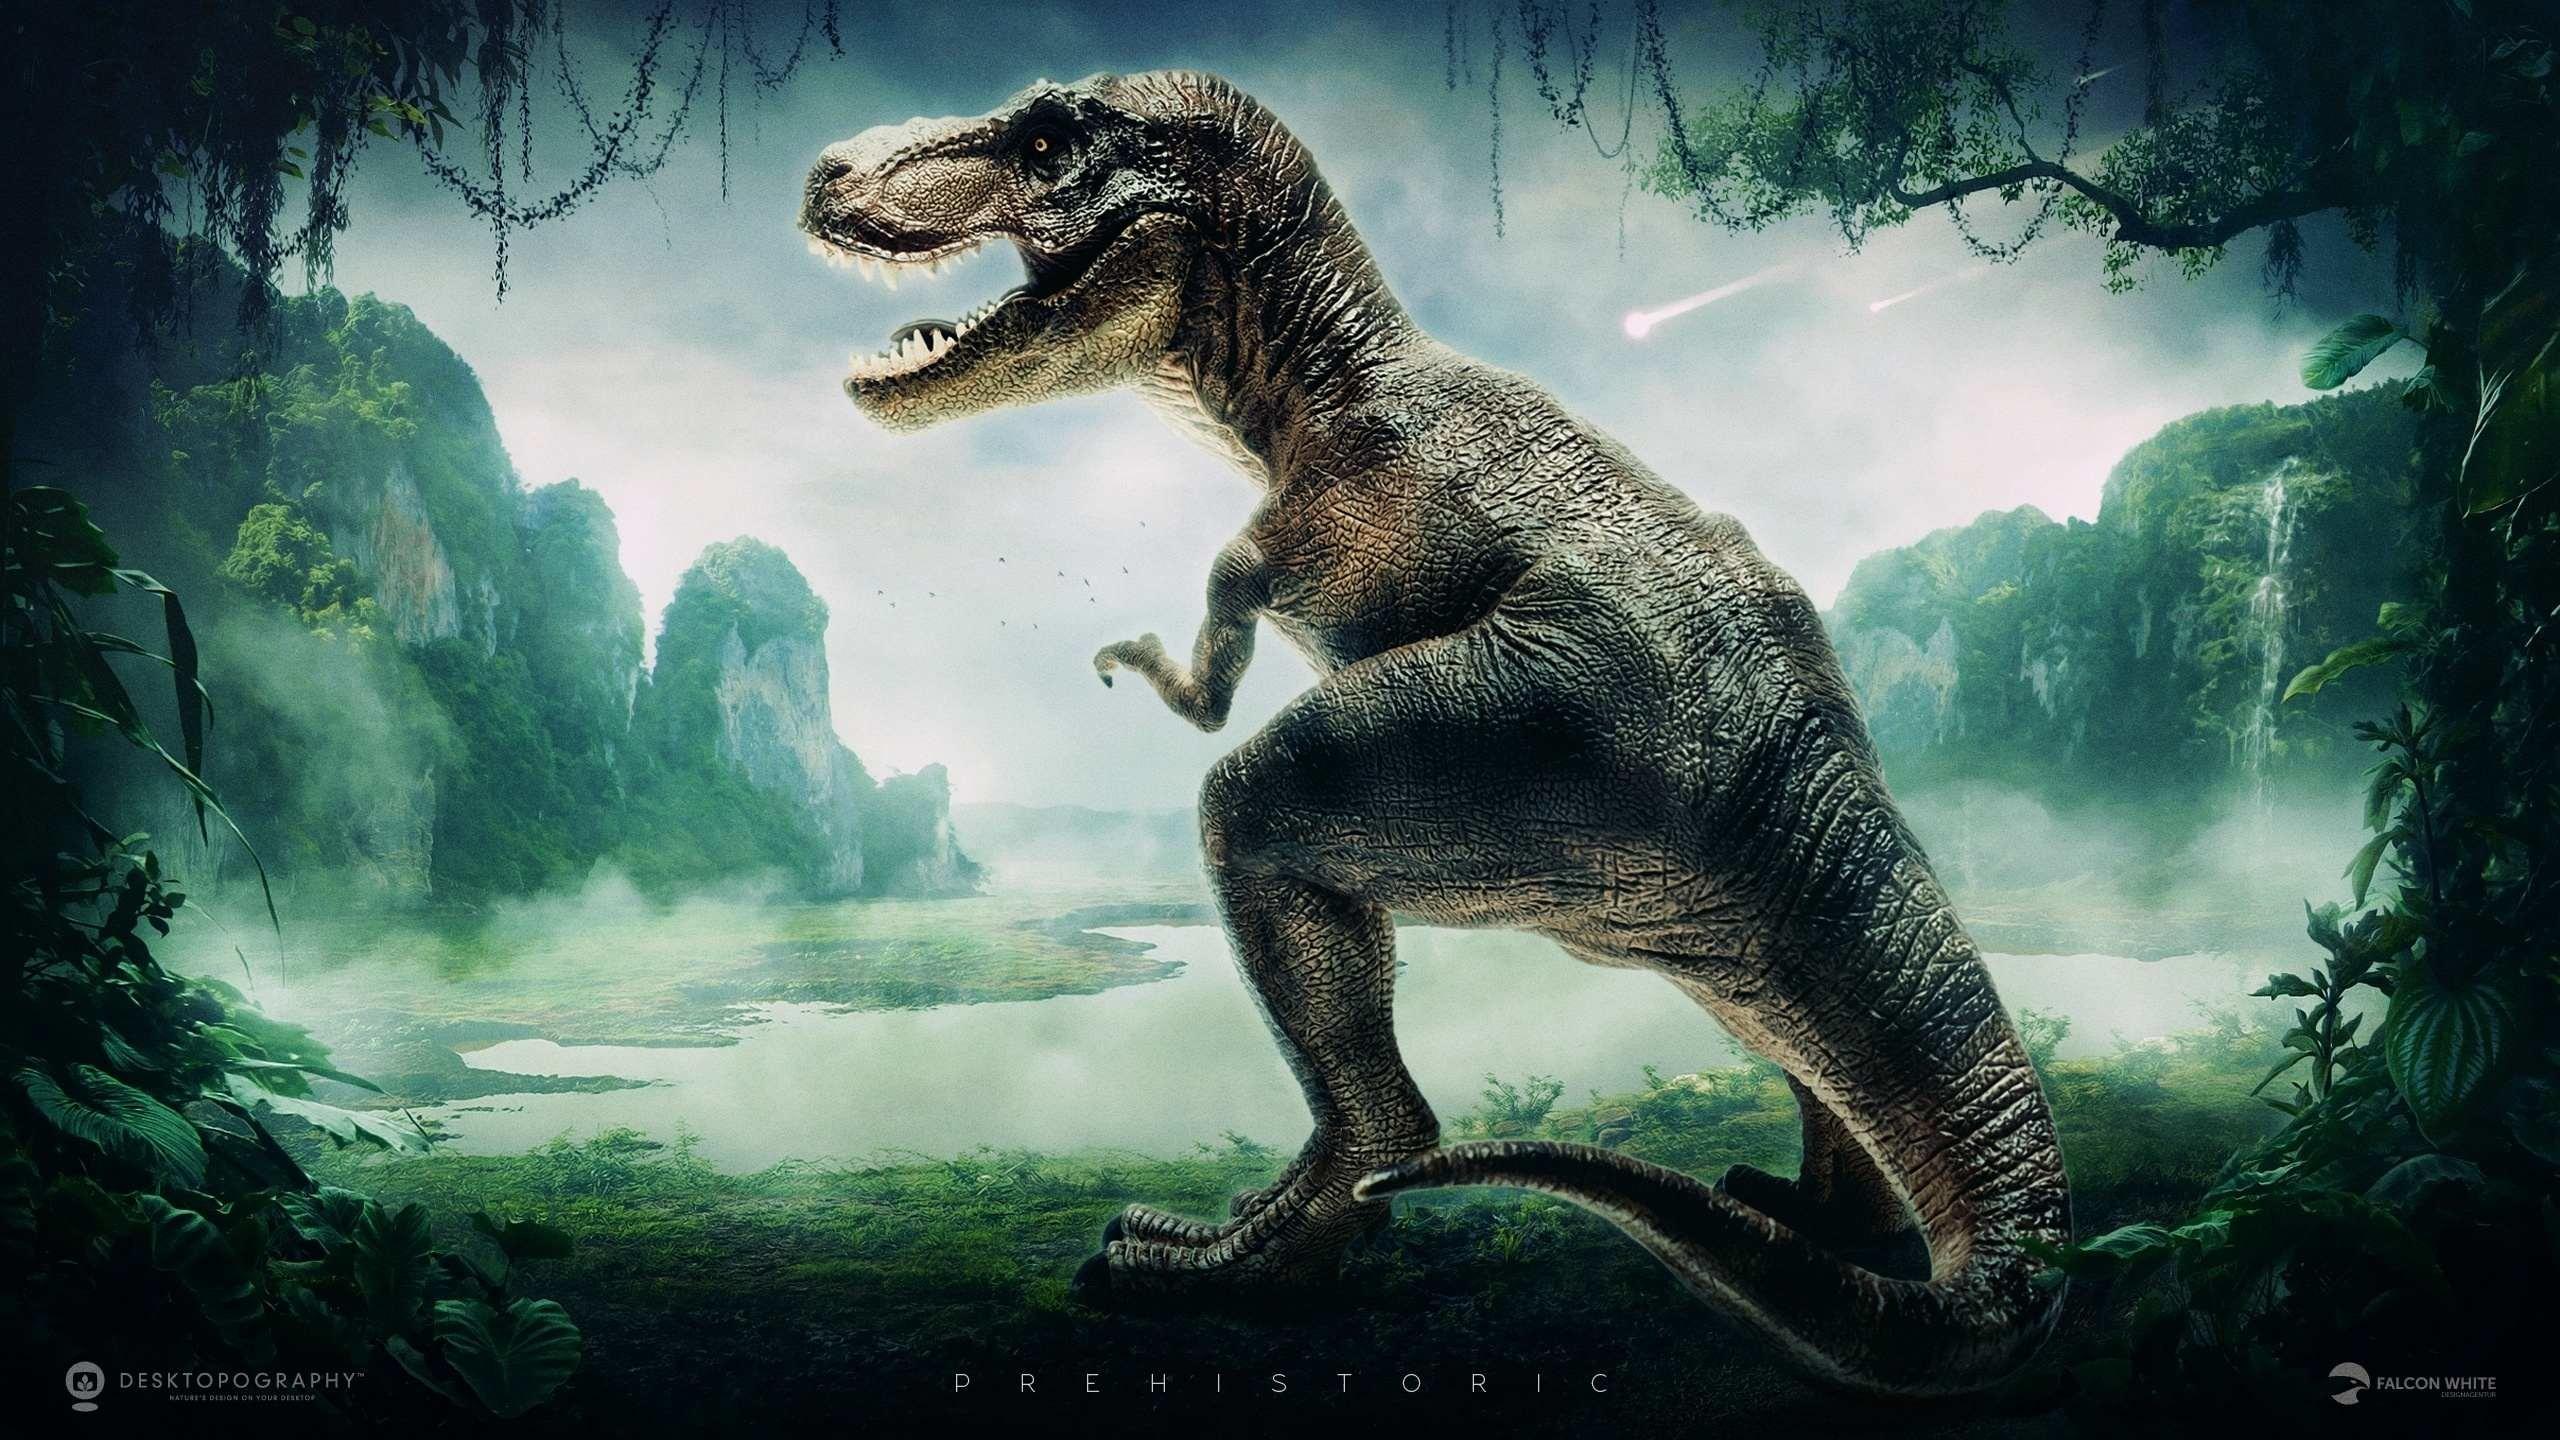 jurassic world t rex wallpaper (77+ images)